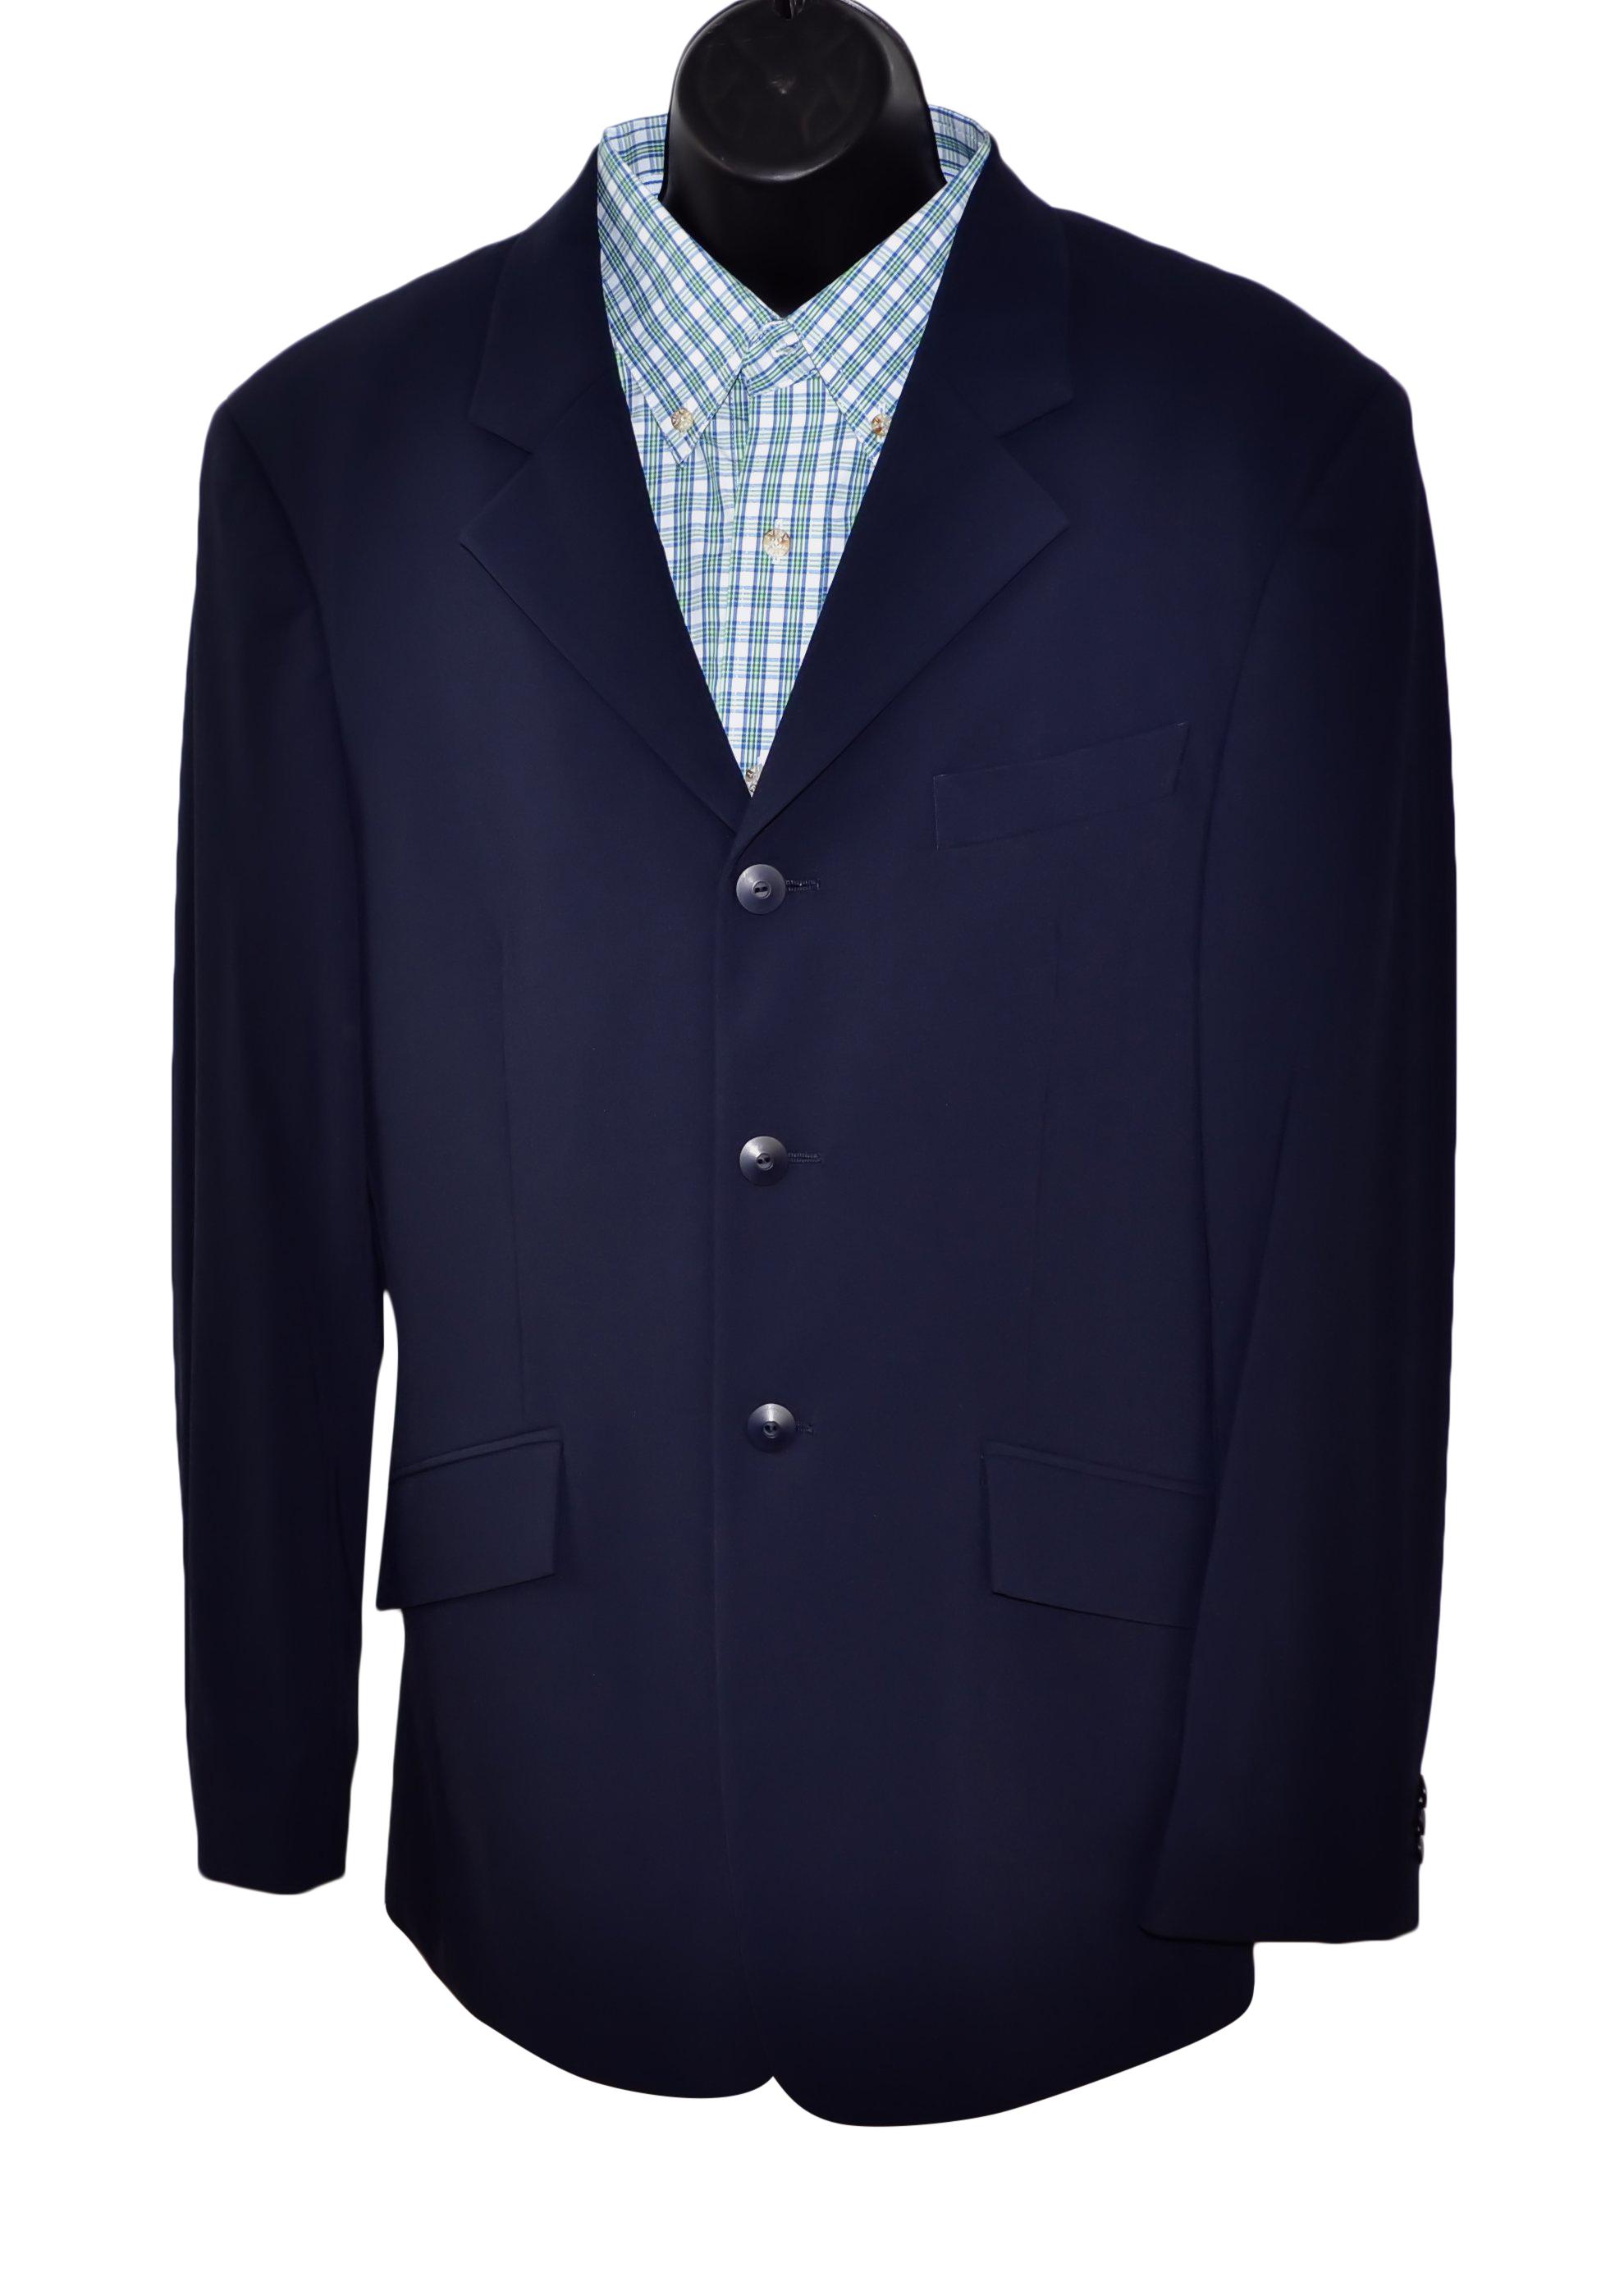 RJ Classics Men's Platinum Soft Shell Show Coat